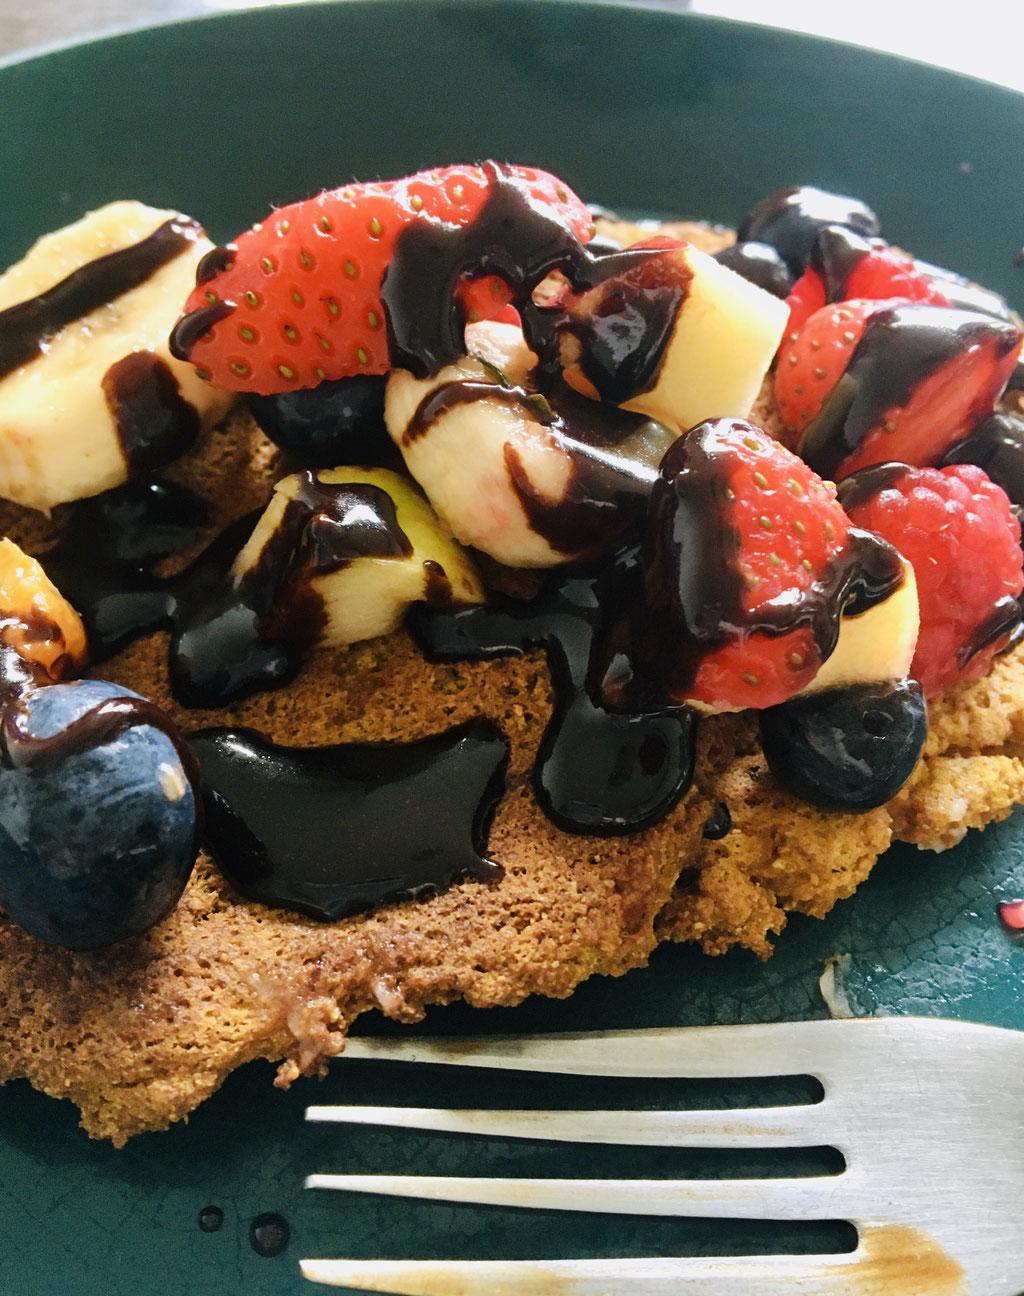 Carob sauce over Sweet Potato Pancakes